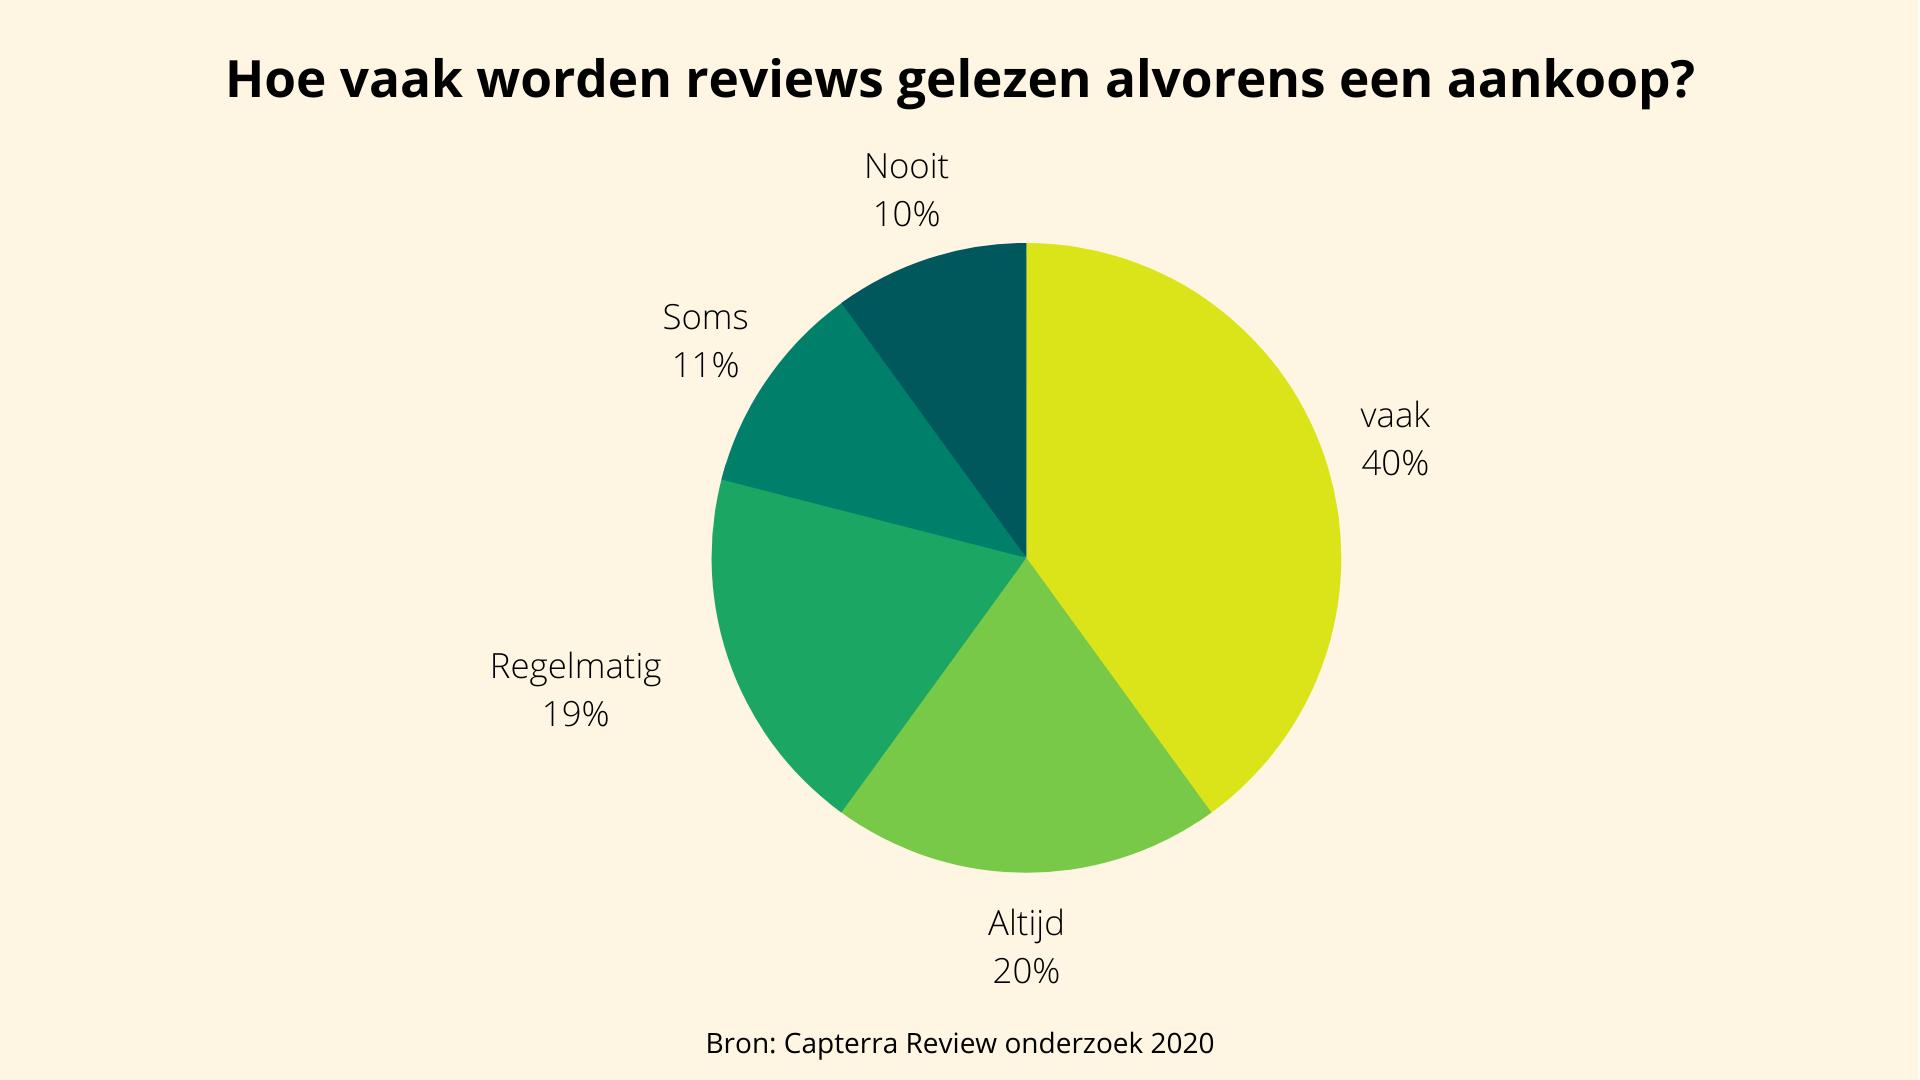 Cijfers over hoe vaak reviews worden gelezen